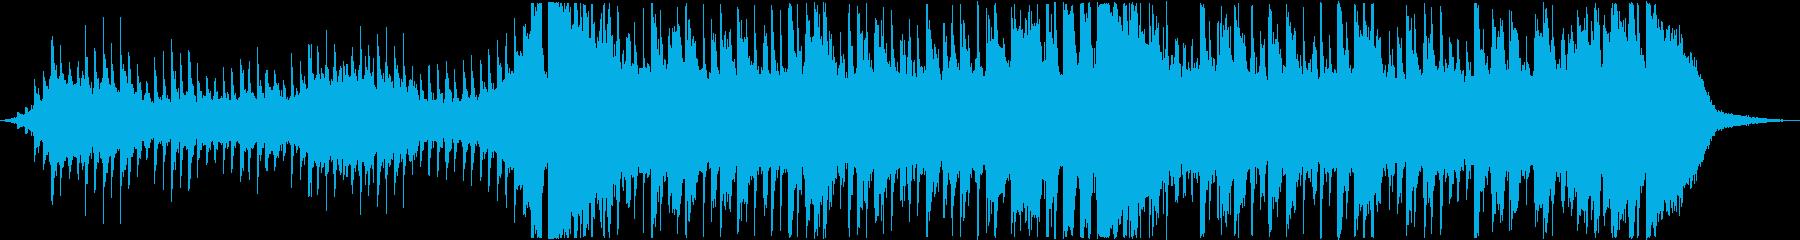 アンビエント 実験的な 燃焼 シン...の再生済みの波形